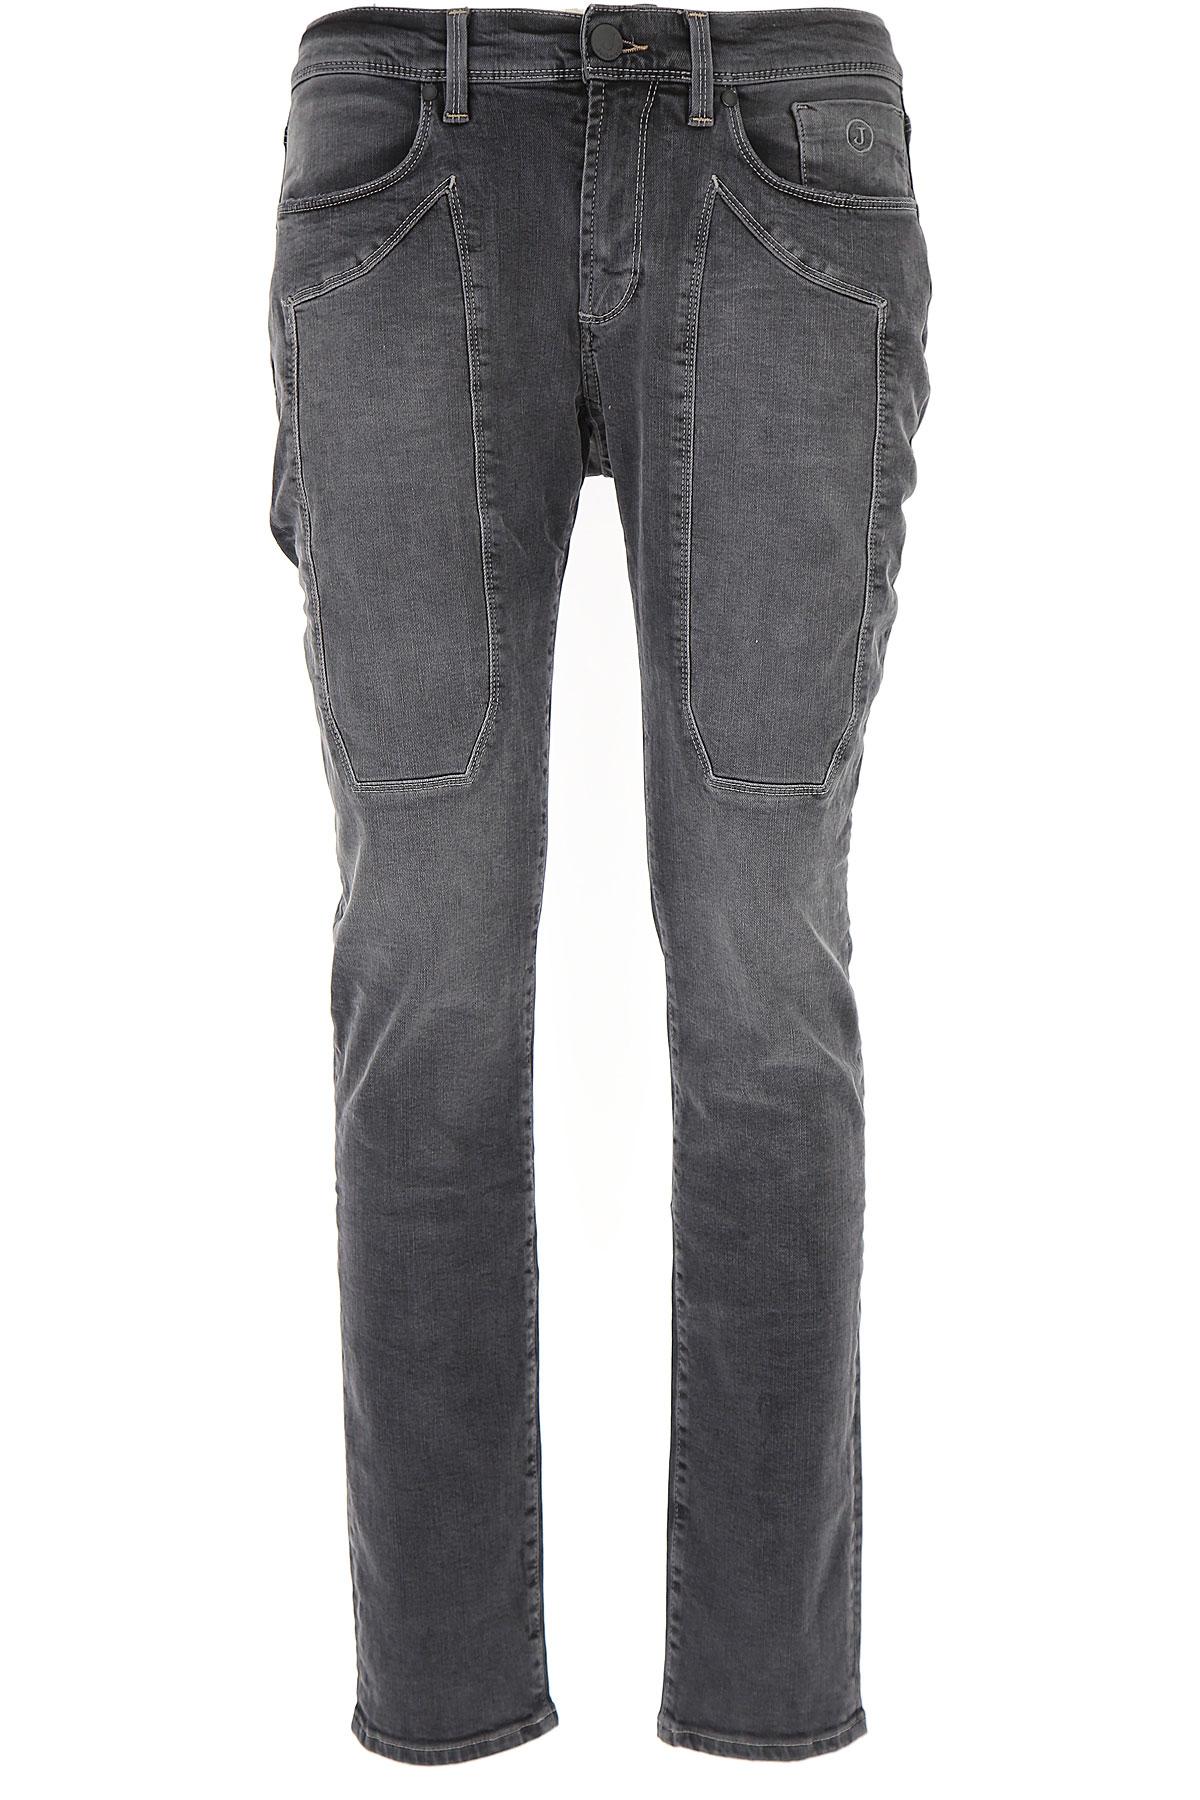 Image of Jeckerson Jeans, Black, Cotton, 2017, 30 31 32 33 34